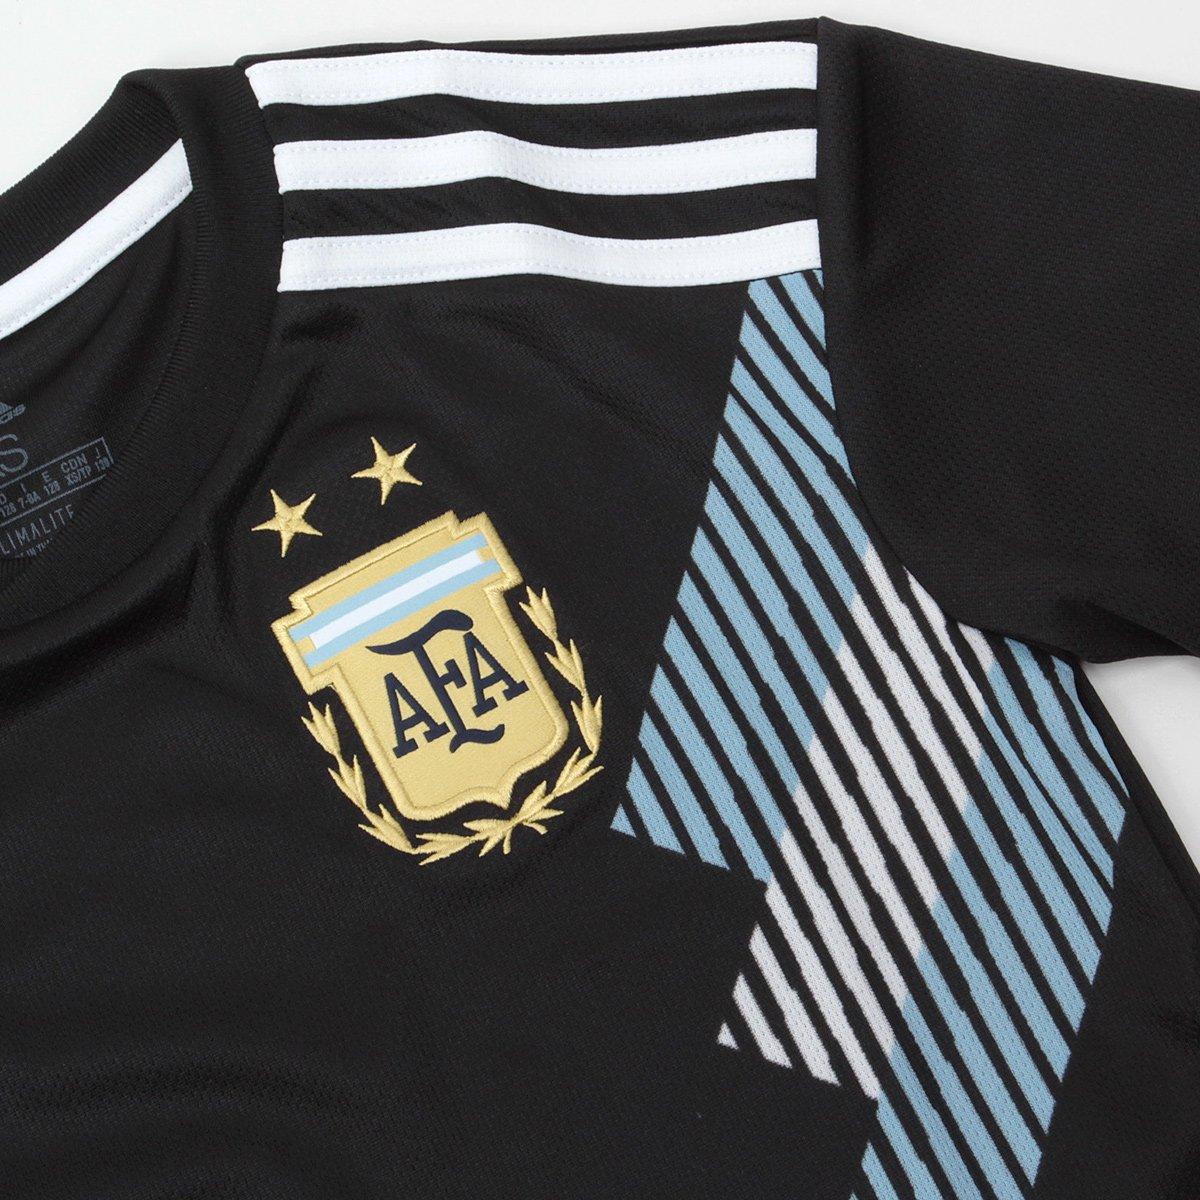 Adidas Infantil 21 Preto e Argentina Dybala Camisa Torcedor n° Branco Seleção Away 2018 qFzTvEwAU